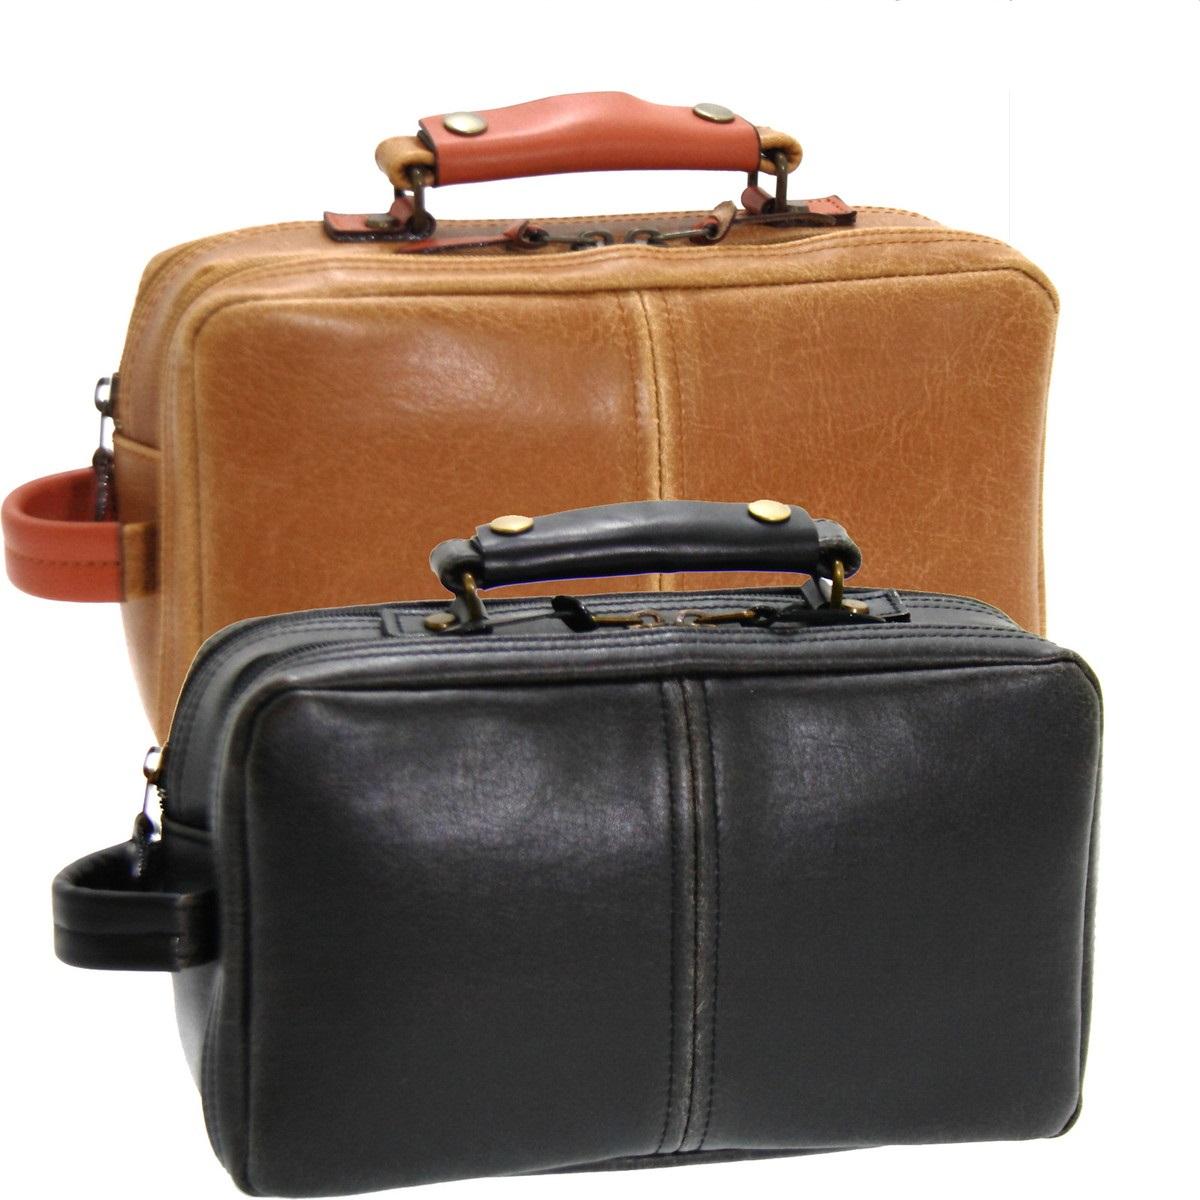 おしゃれ デザイン 日本 革 鞄 セカンドバッグ 本革 付属 レトロ合成皮革アンティーク調フェイクレザーセカンドバッグ ブラック 日本製